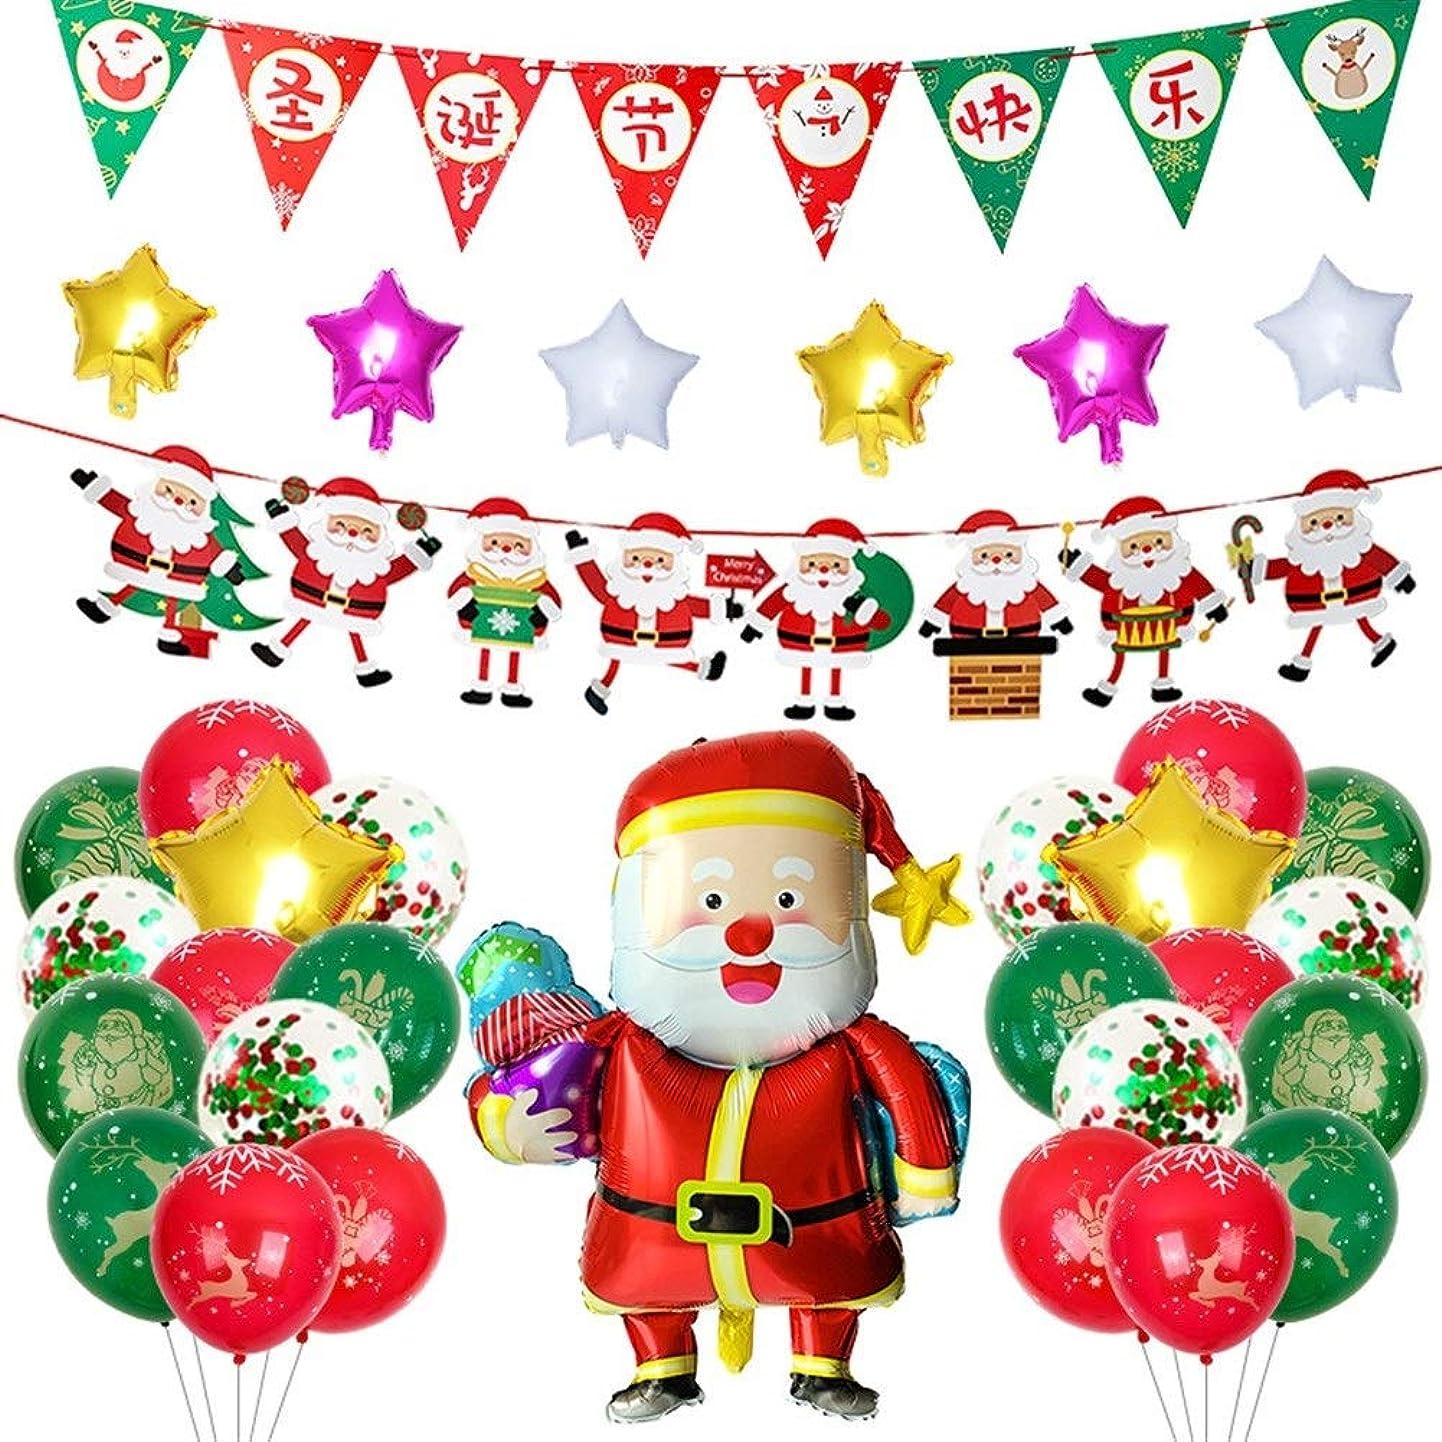 嵐あなたのもの中絶パーティーDecortaion 20PCSのためのクリスマスアルミ箔バルーン